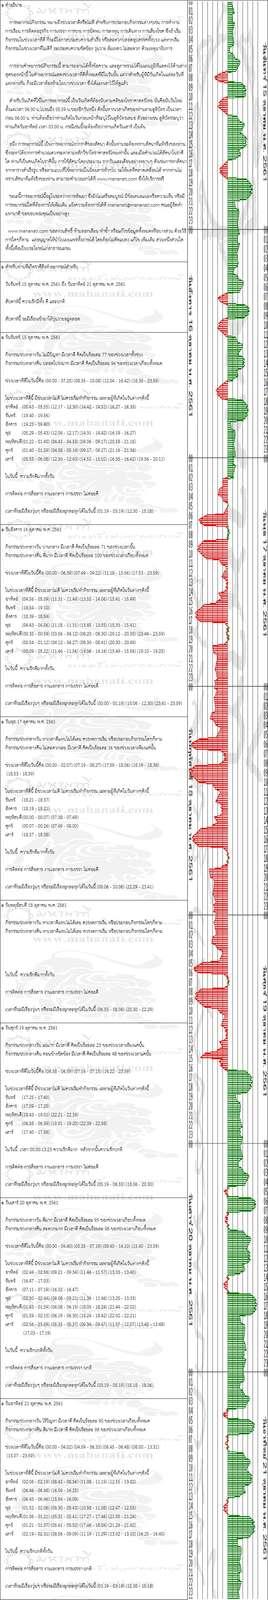 pgdu8s504kPEjS1Ouc9-o.jpg